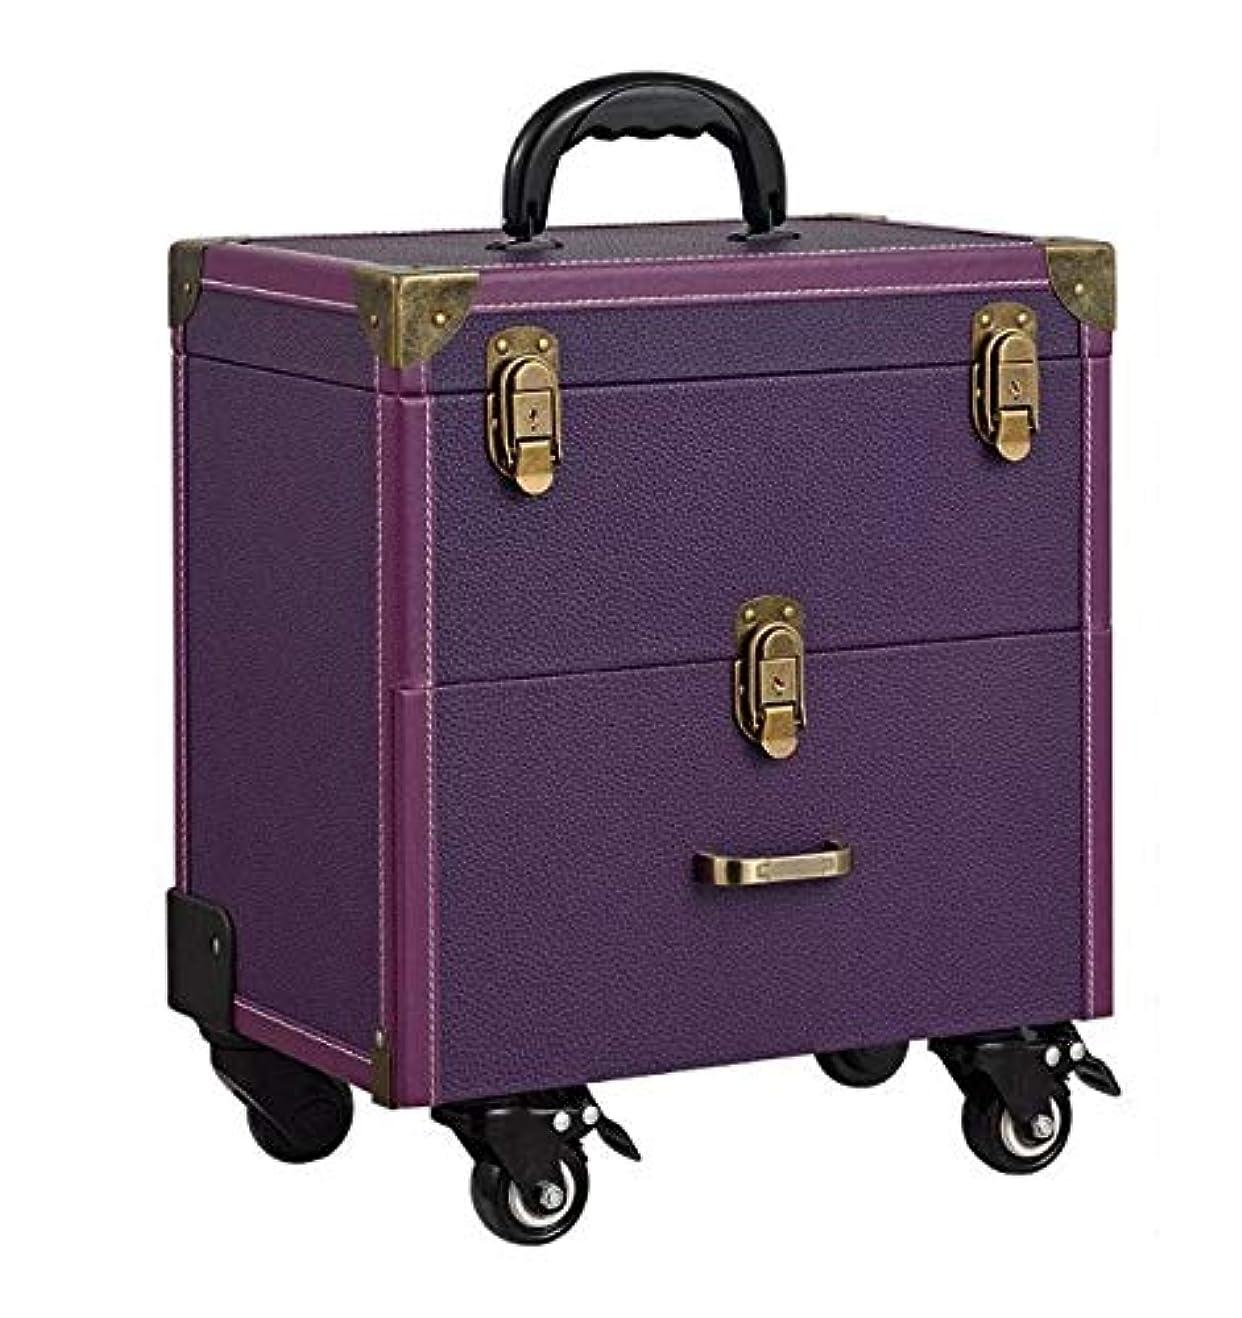 コンテンポラリー広告原子炉化粧箱、大容量二層トロリー化粧品ケース、ポータブル旅行化粧品バッグ収納袋、美容化粧ネイルジュエリー収納ボックス (Color : Purple)